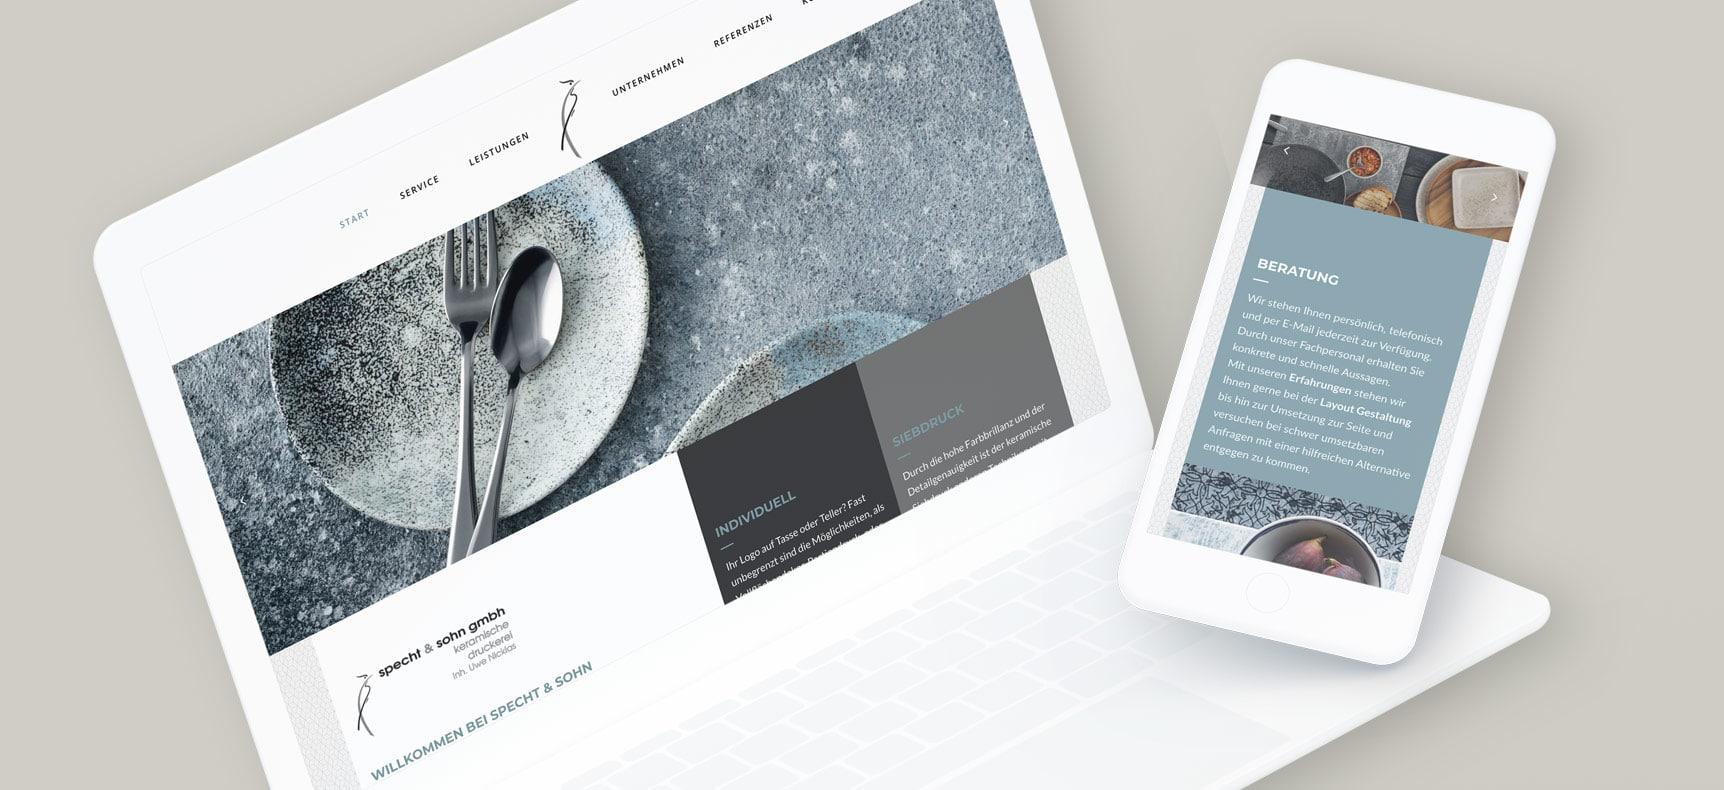 Specht & Sohn GmbH - Siebdruckerei | Website erstellt von StatusZwo.com